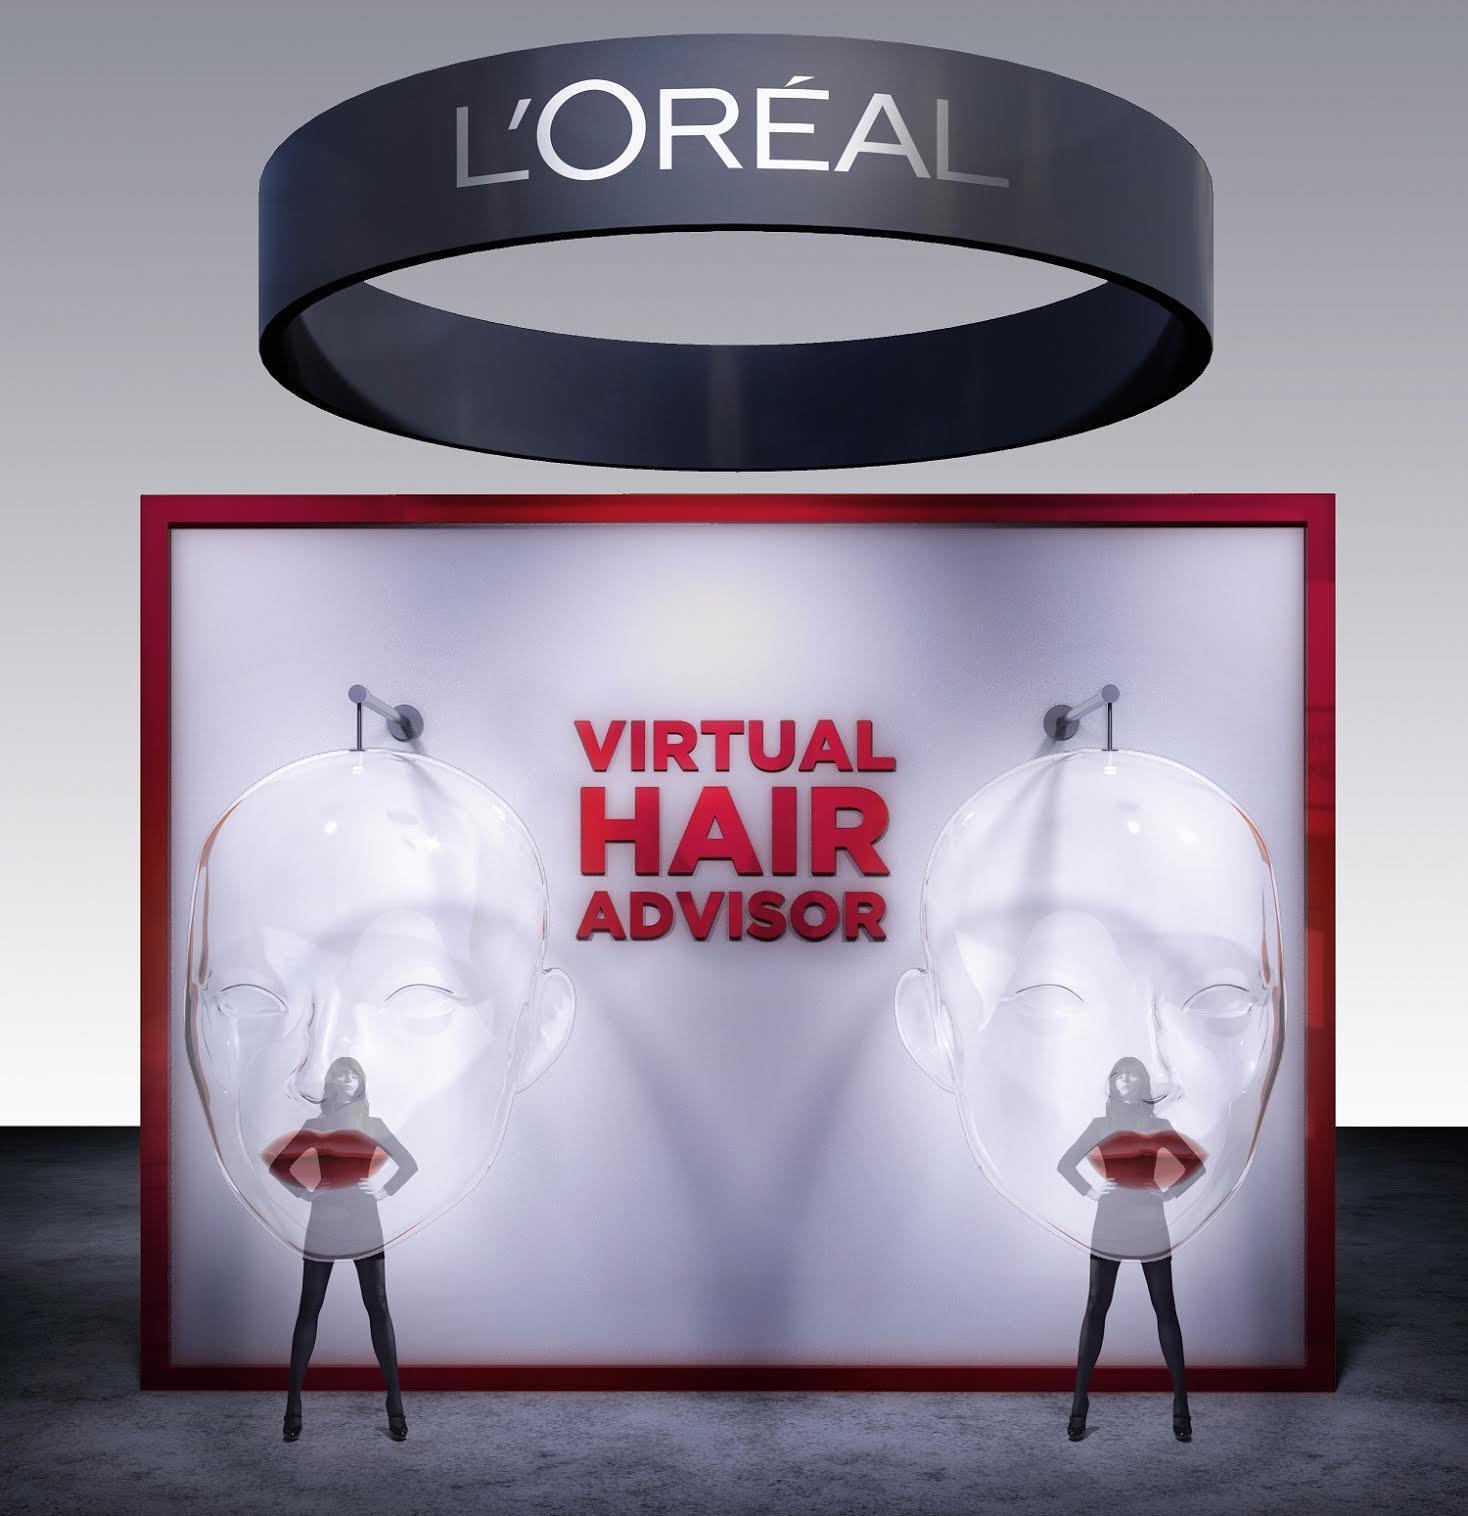 Virtual Hair Advisor